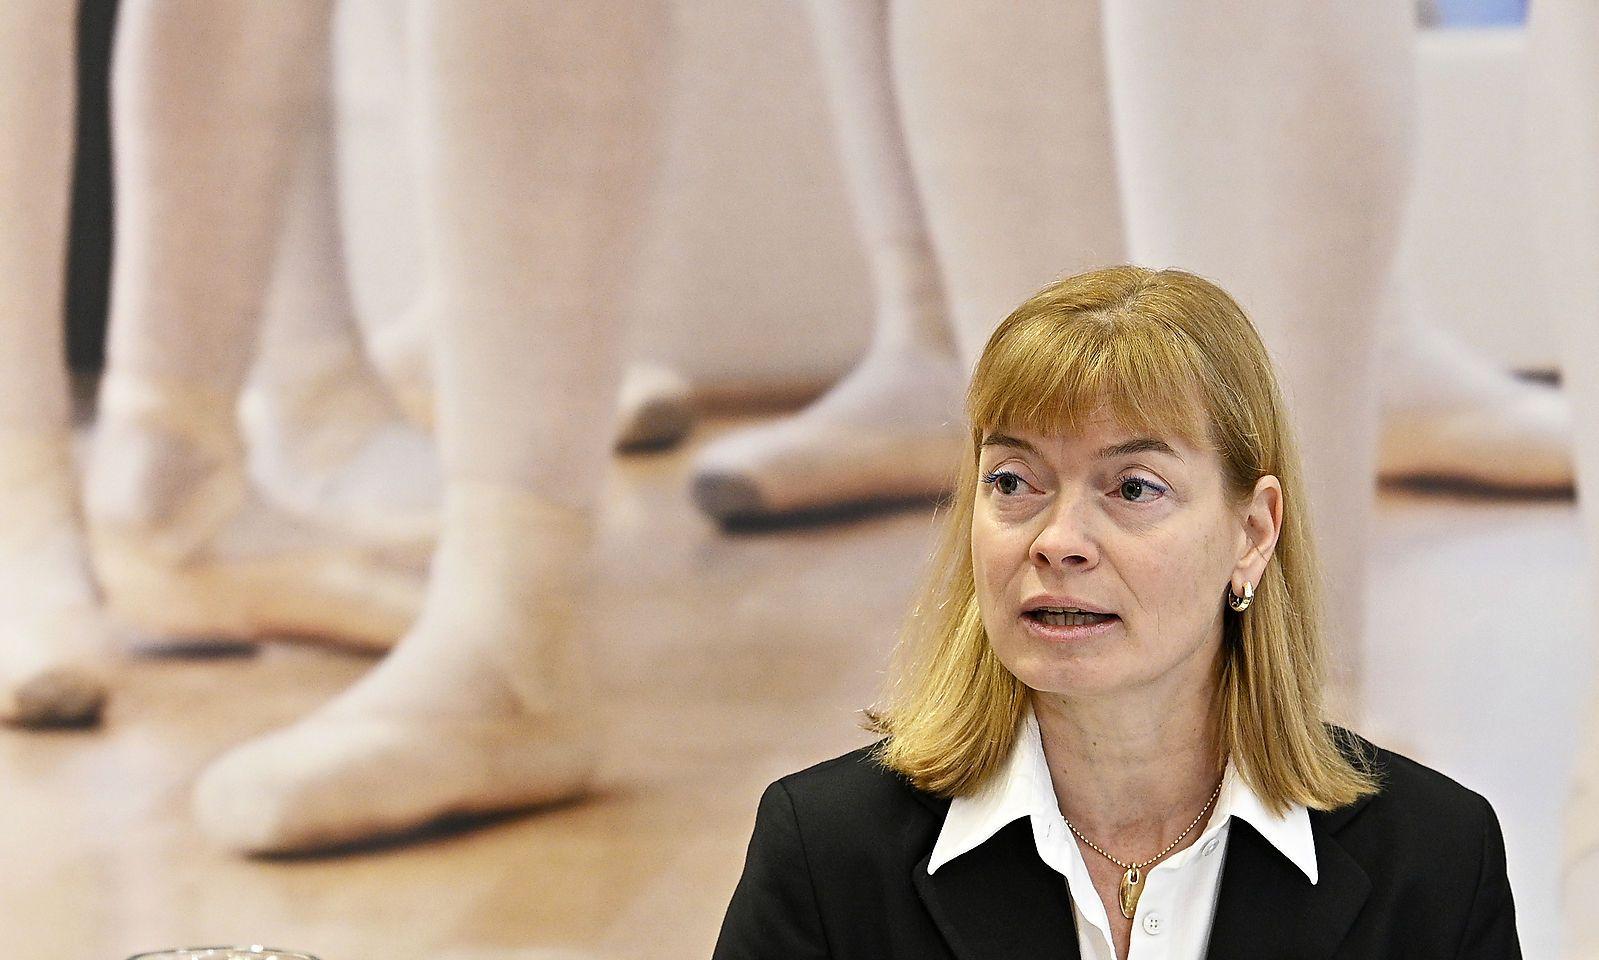 ABSCHLUSSBERICHT ZUR AUFKLAeRUNG DER VORWUeRFE GEGEN DIE BALLETTAKADEMIE DER WIENER STAATSOPER: REINDL-KRAUSKOPF